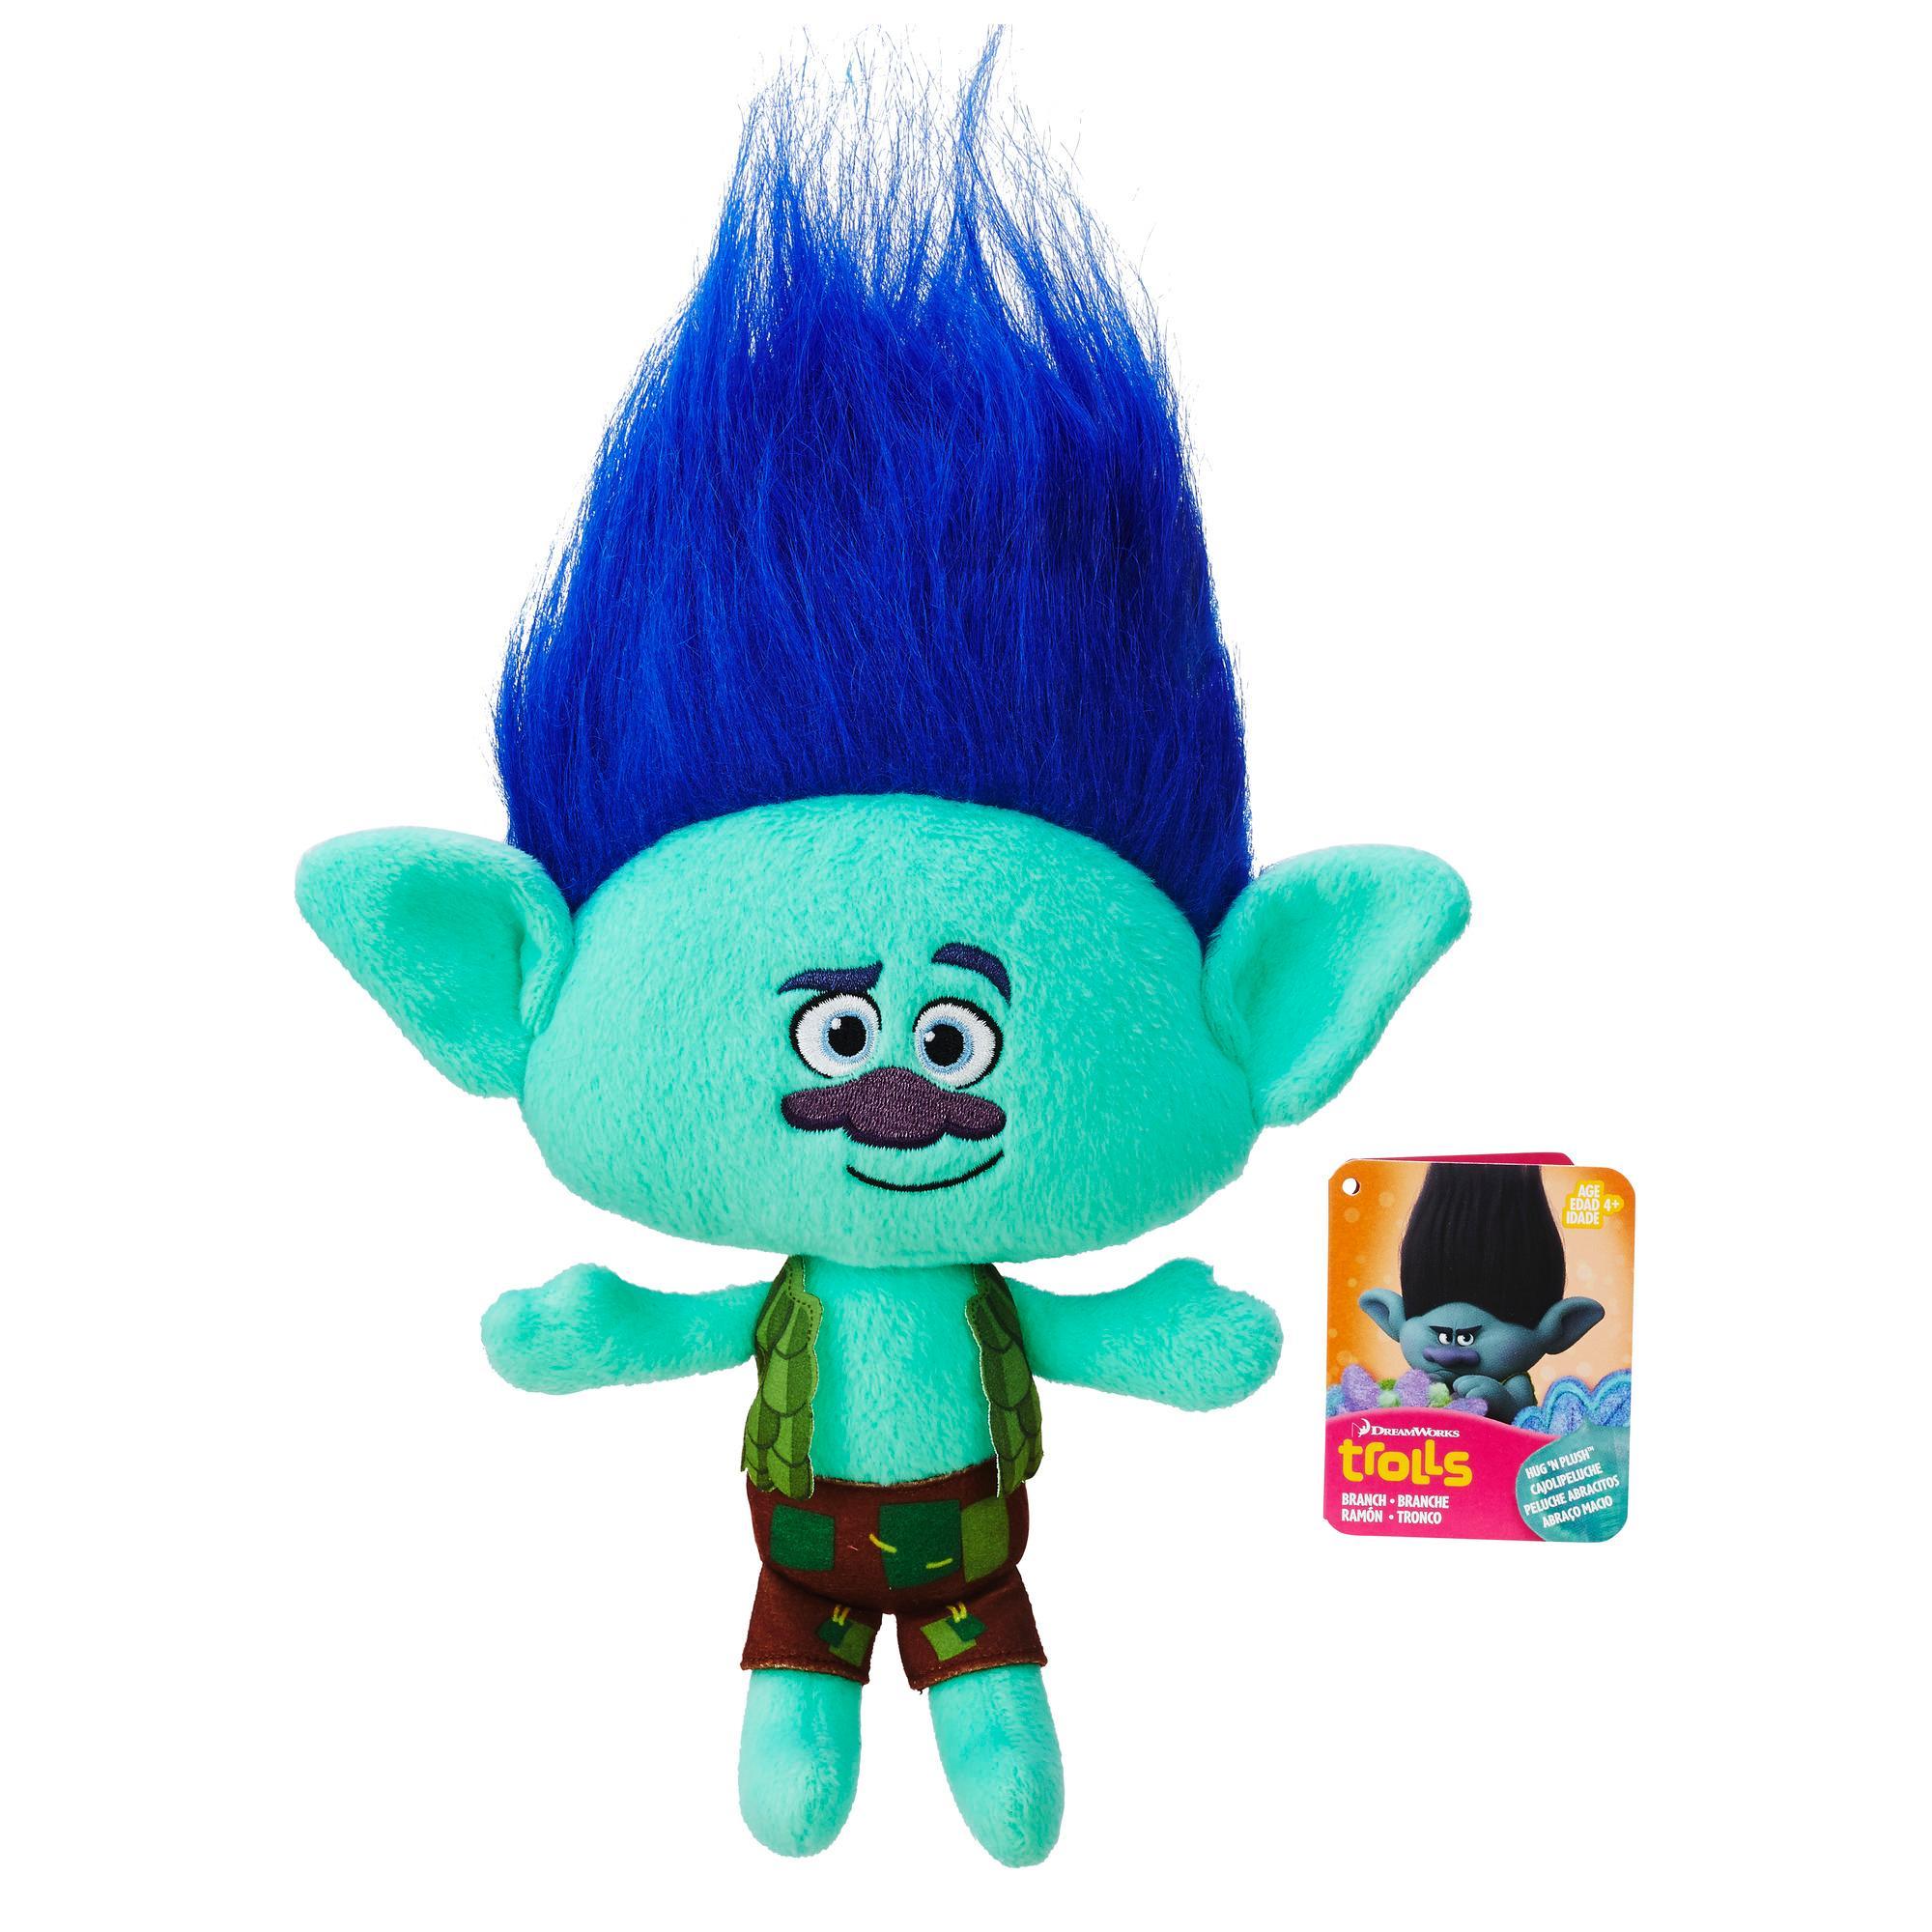 DreamWorks Trolls Peluche Abracitos - Ramón